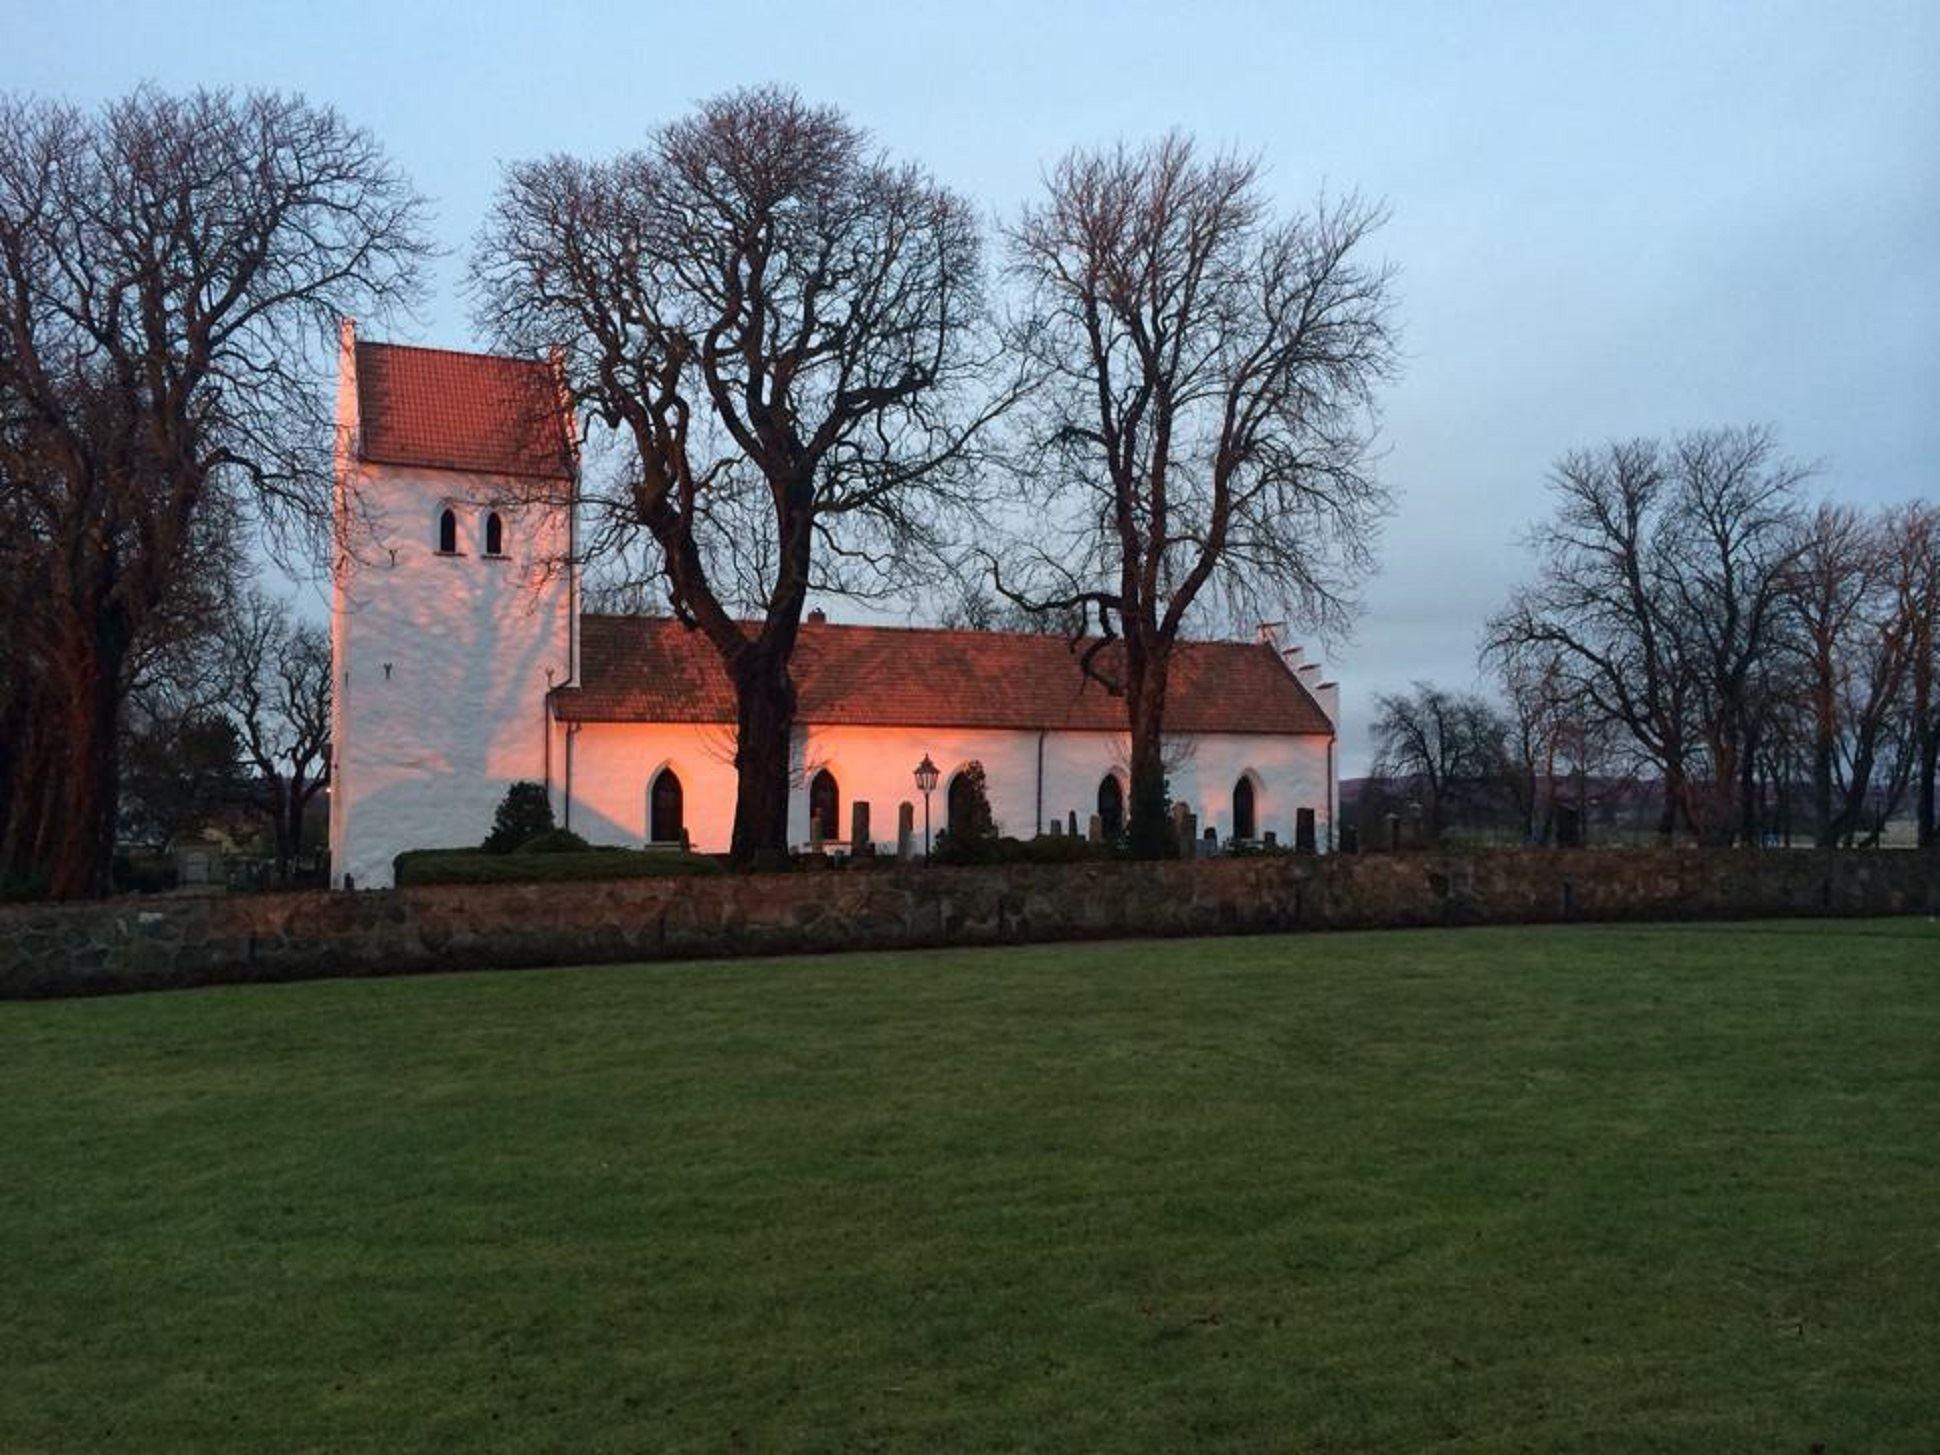 Barkåkra kirke